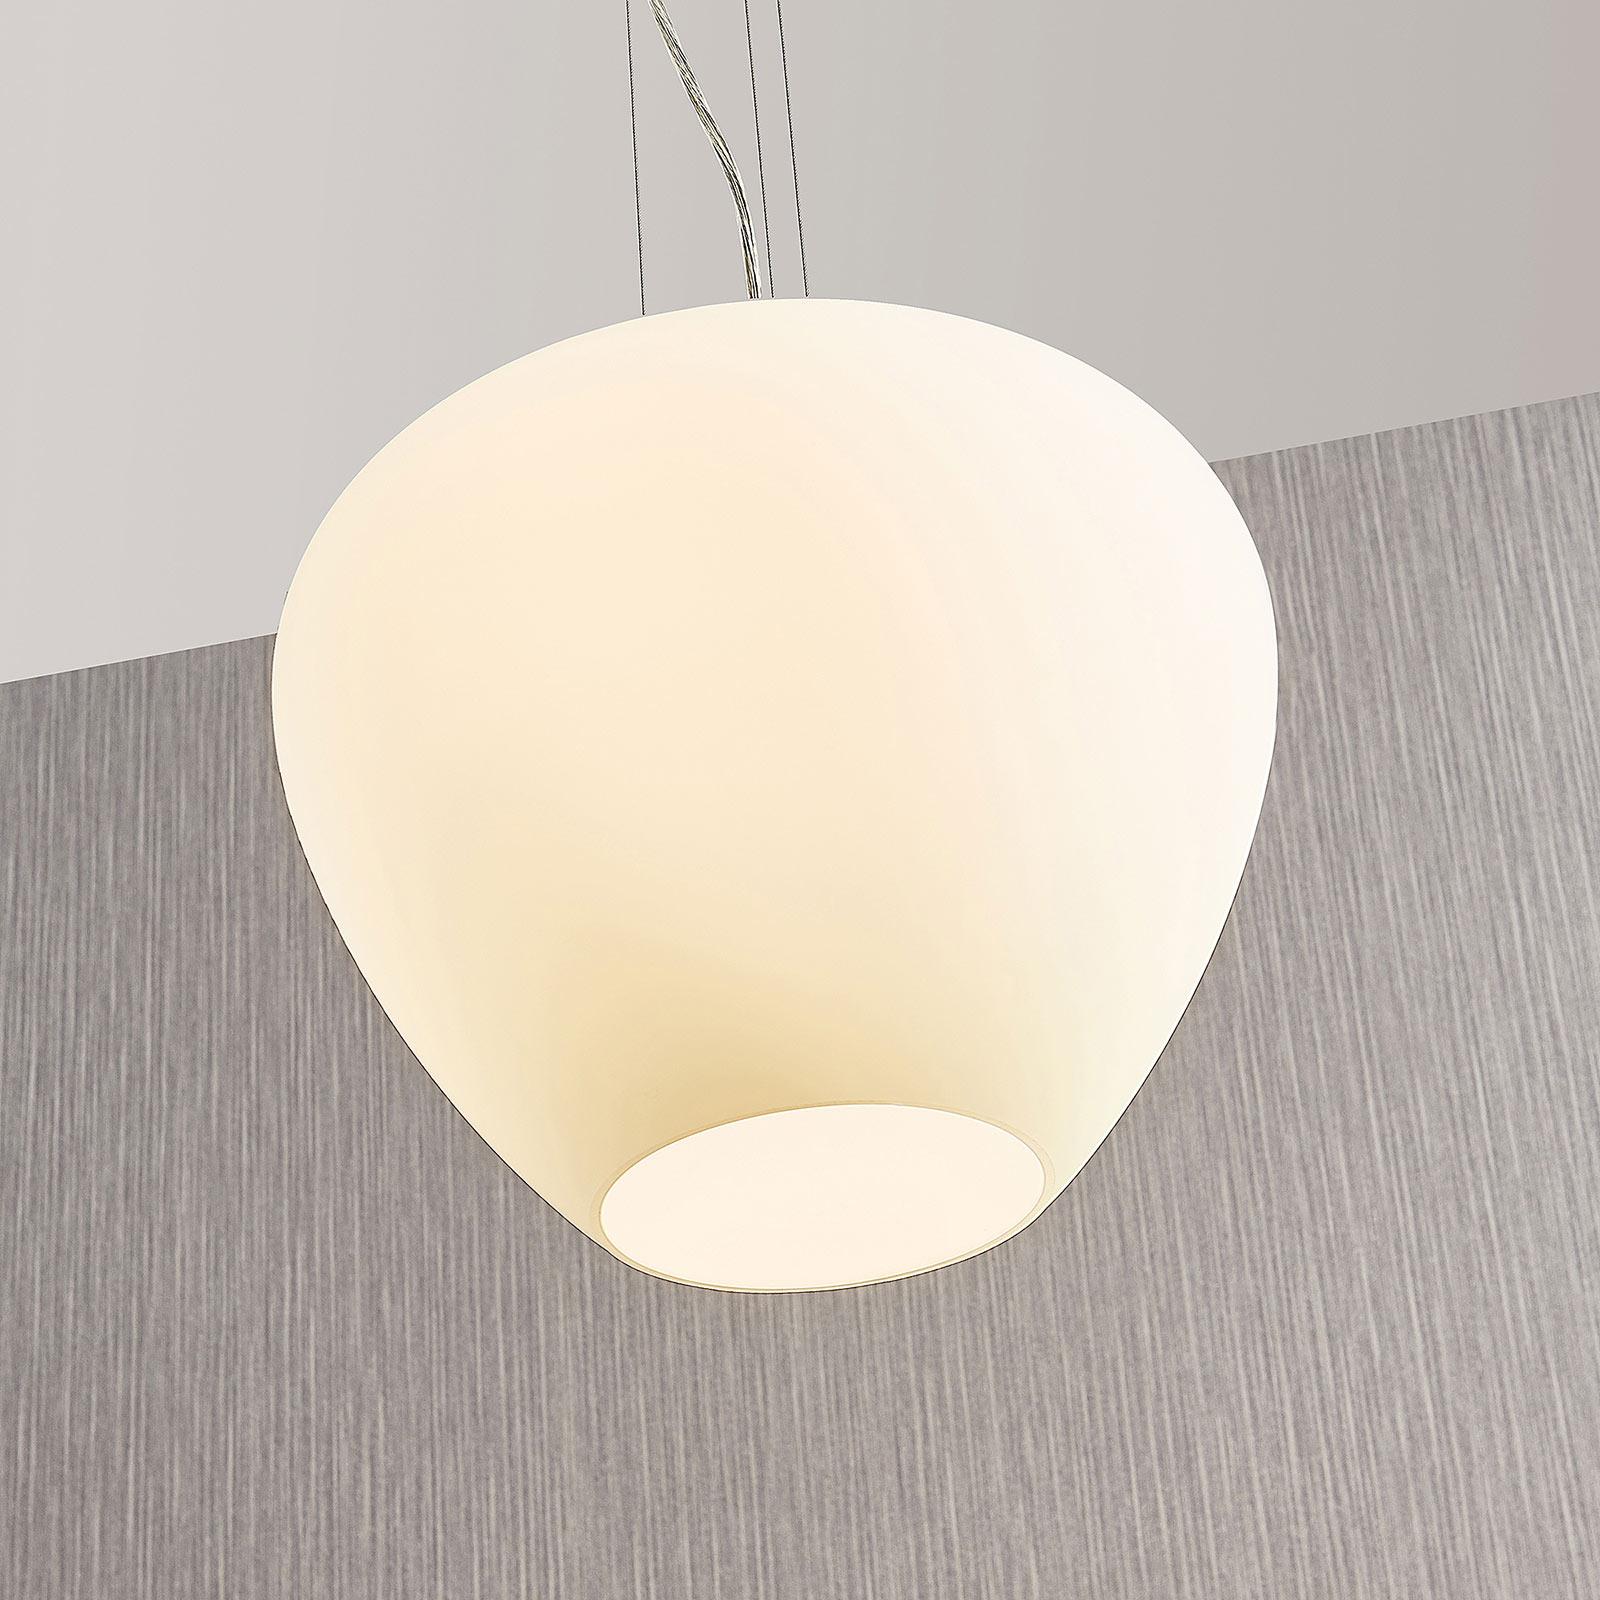 Szklana lampa wisząca Bibiane, biała opalowa